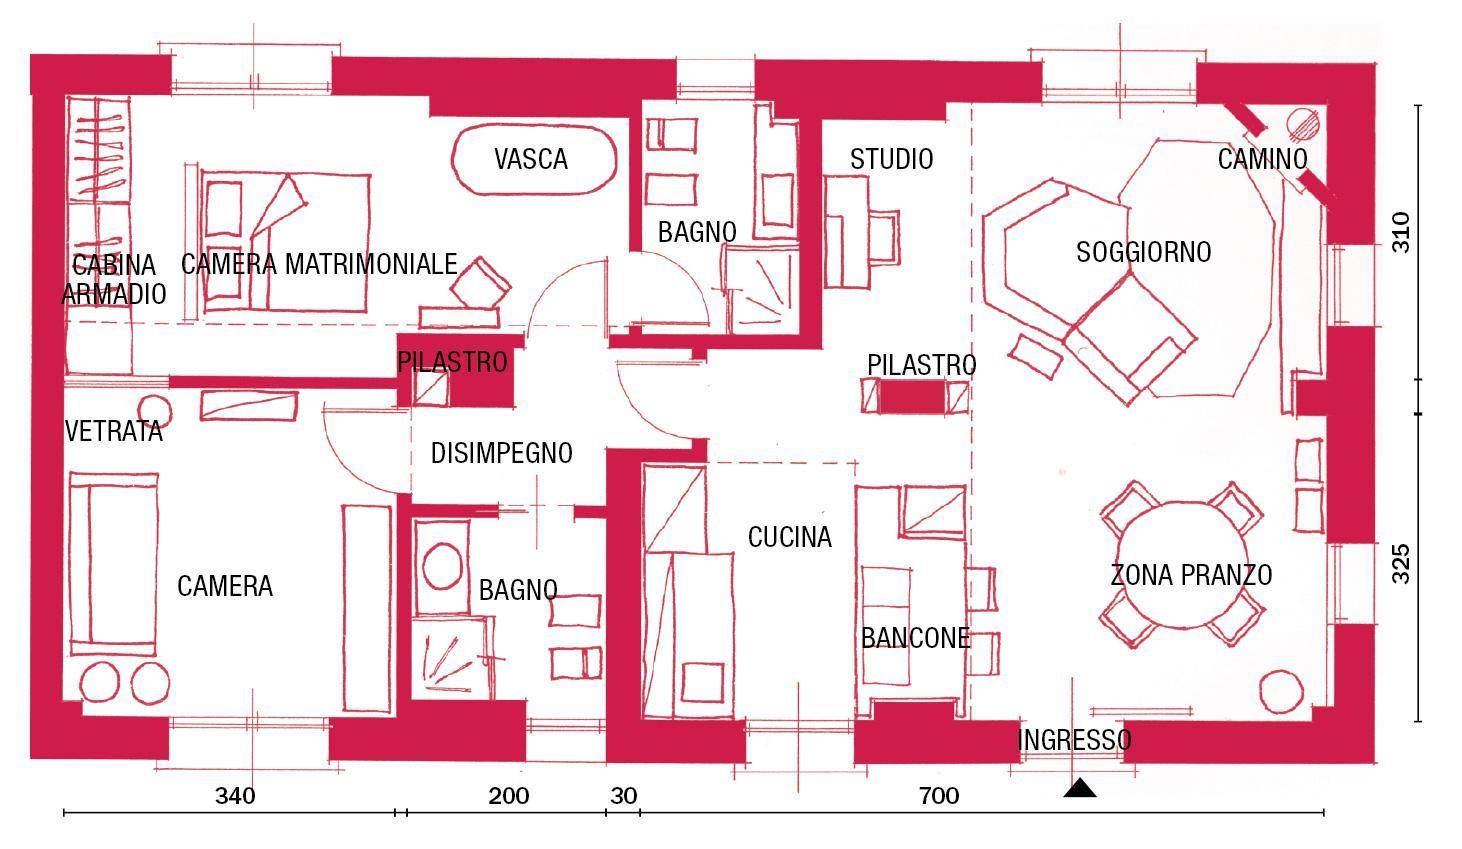 Nuovo Trilocale Di 85 Mq A Colori Orientali Cose Di Casa Nuovo Trilocale Di 85 Mq Planimetrie Dell Appartamento Planimetrie Di Case Progetto Di Appartamento